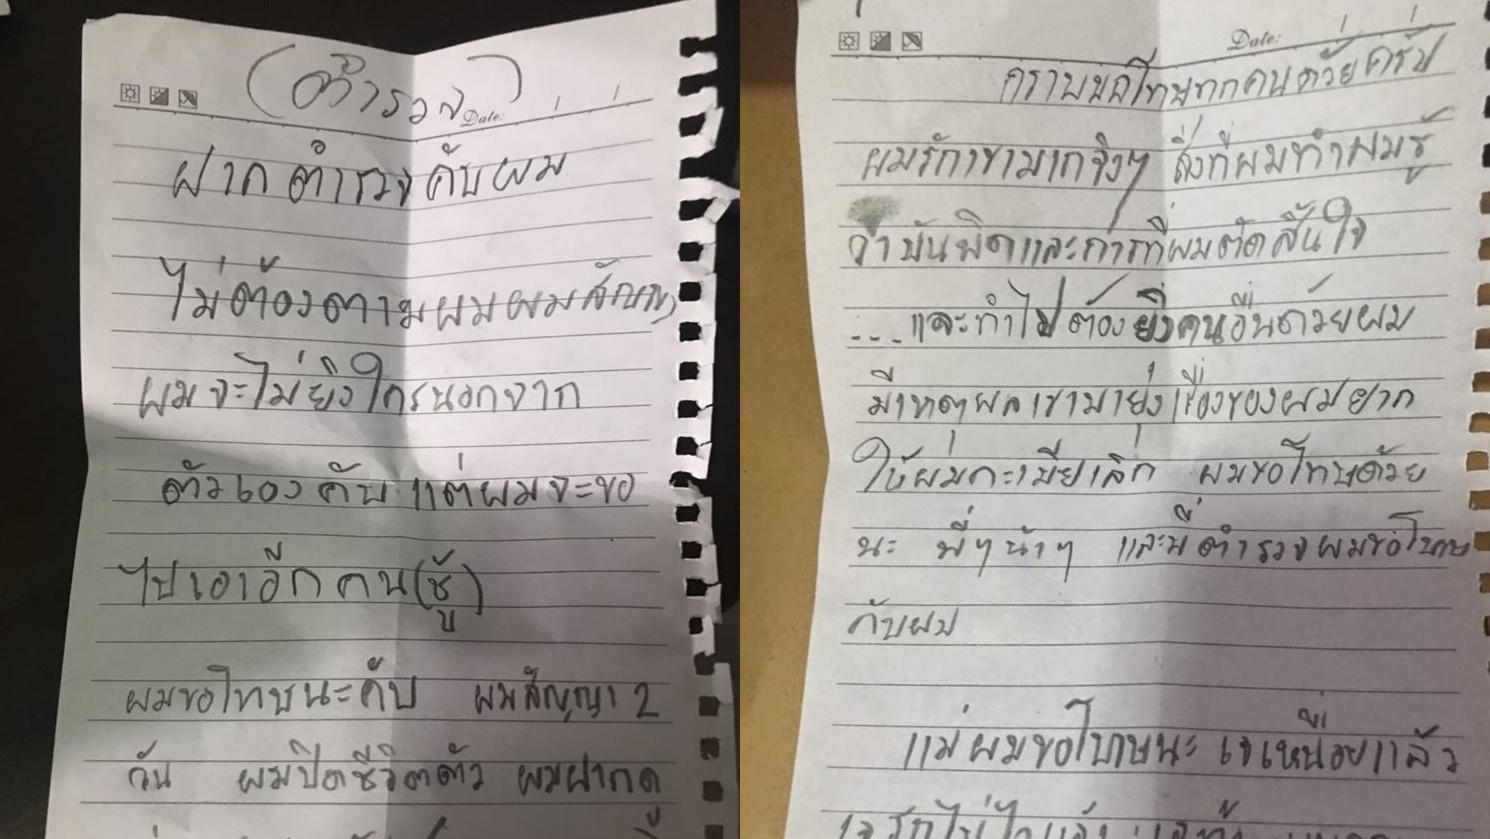 ข่าวสดวันนี้ ห้างเซนจูรี่ พลาซ่า อนุสาวรีย์ชัยสมรภูมิ